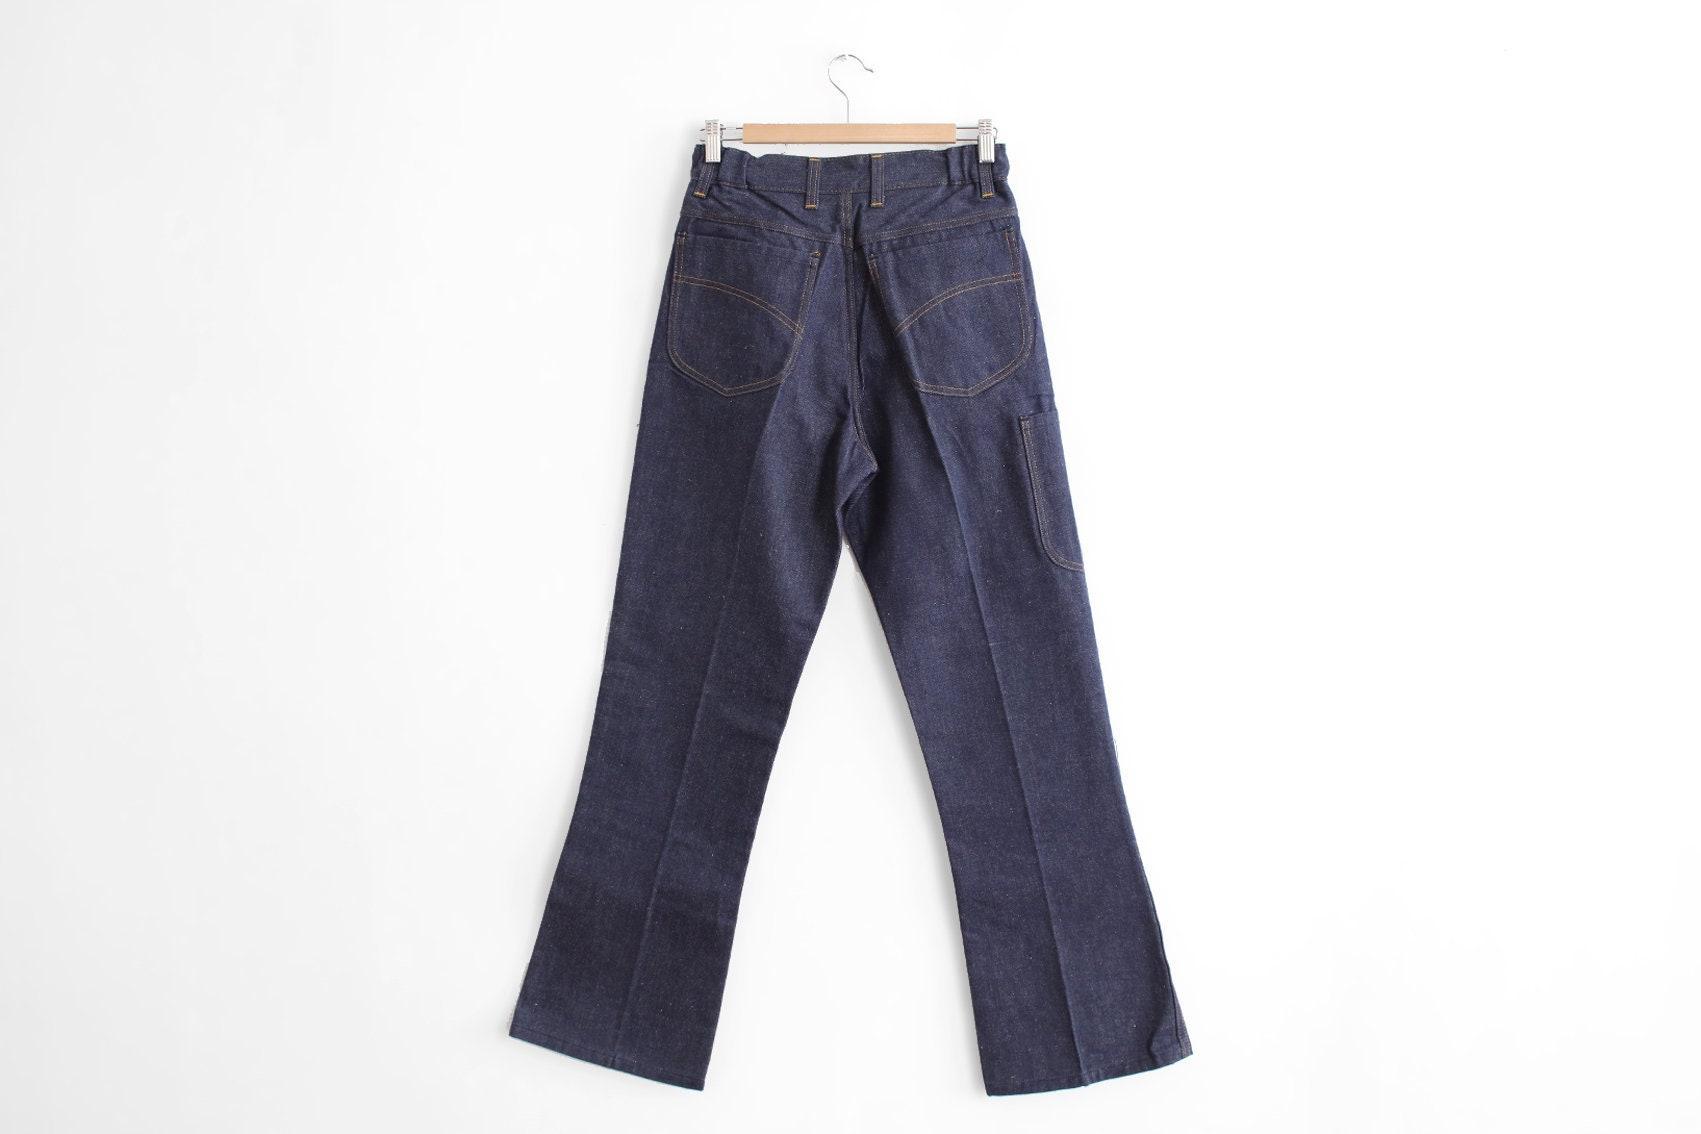 Pantalons Pour Utilitairetravail Années Jeans Des St Femme 196070 wPAcqI6